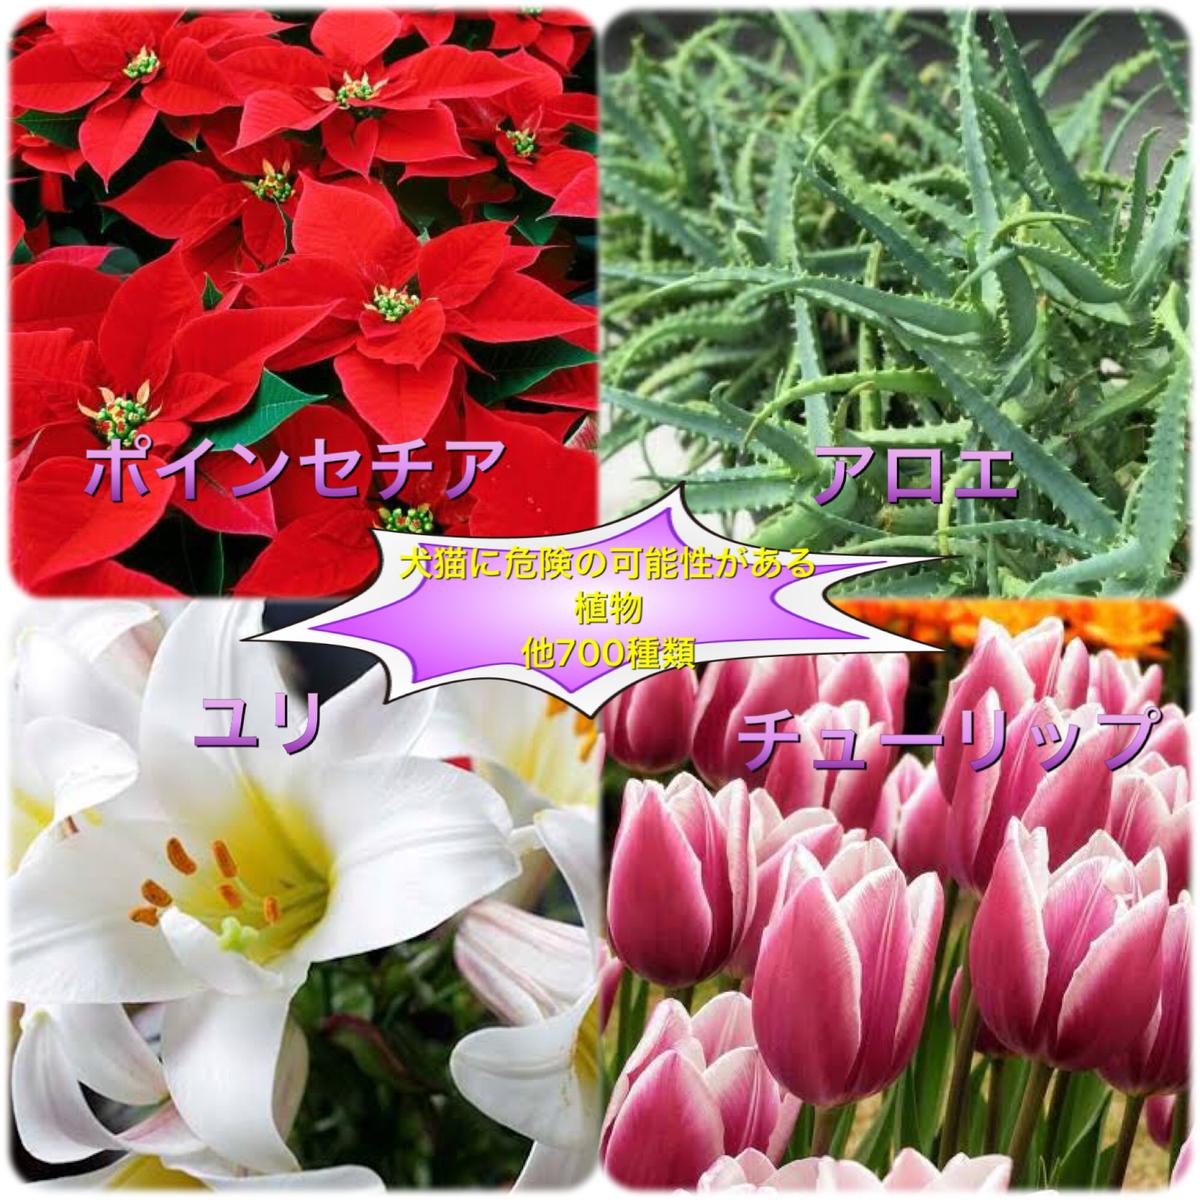 f:id:nozawa_clinic:20191225175751j:plain